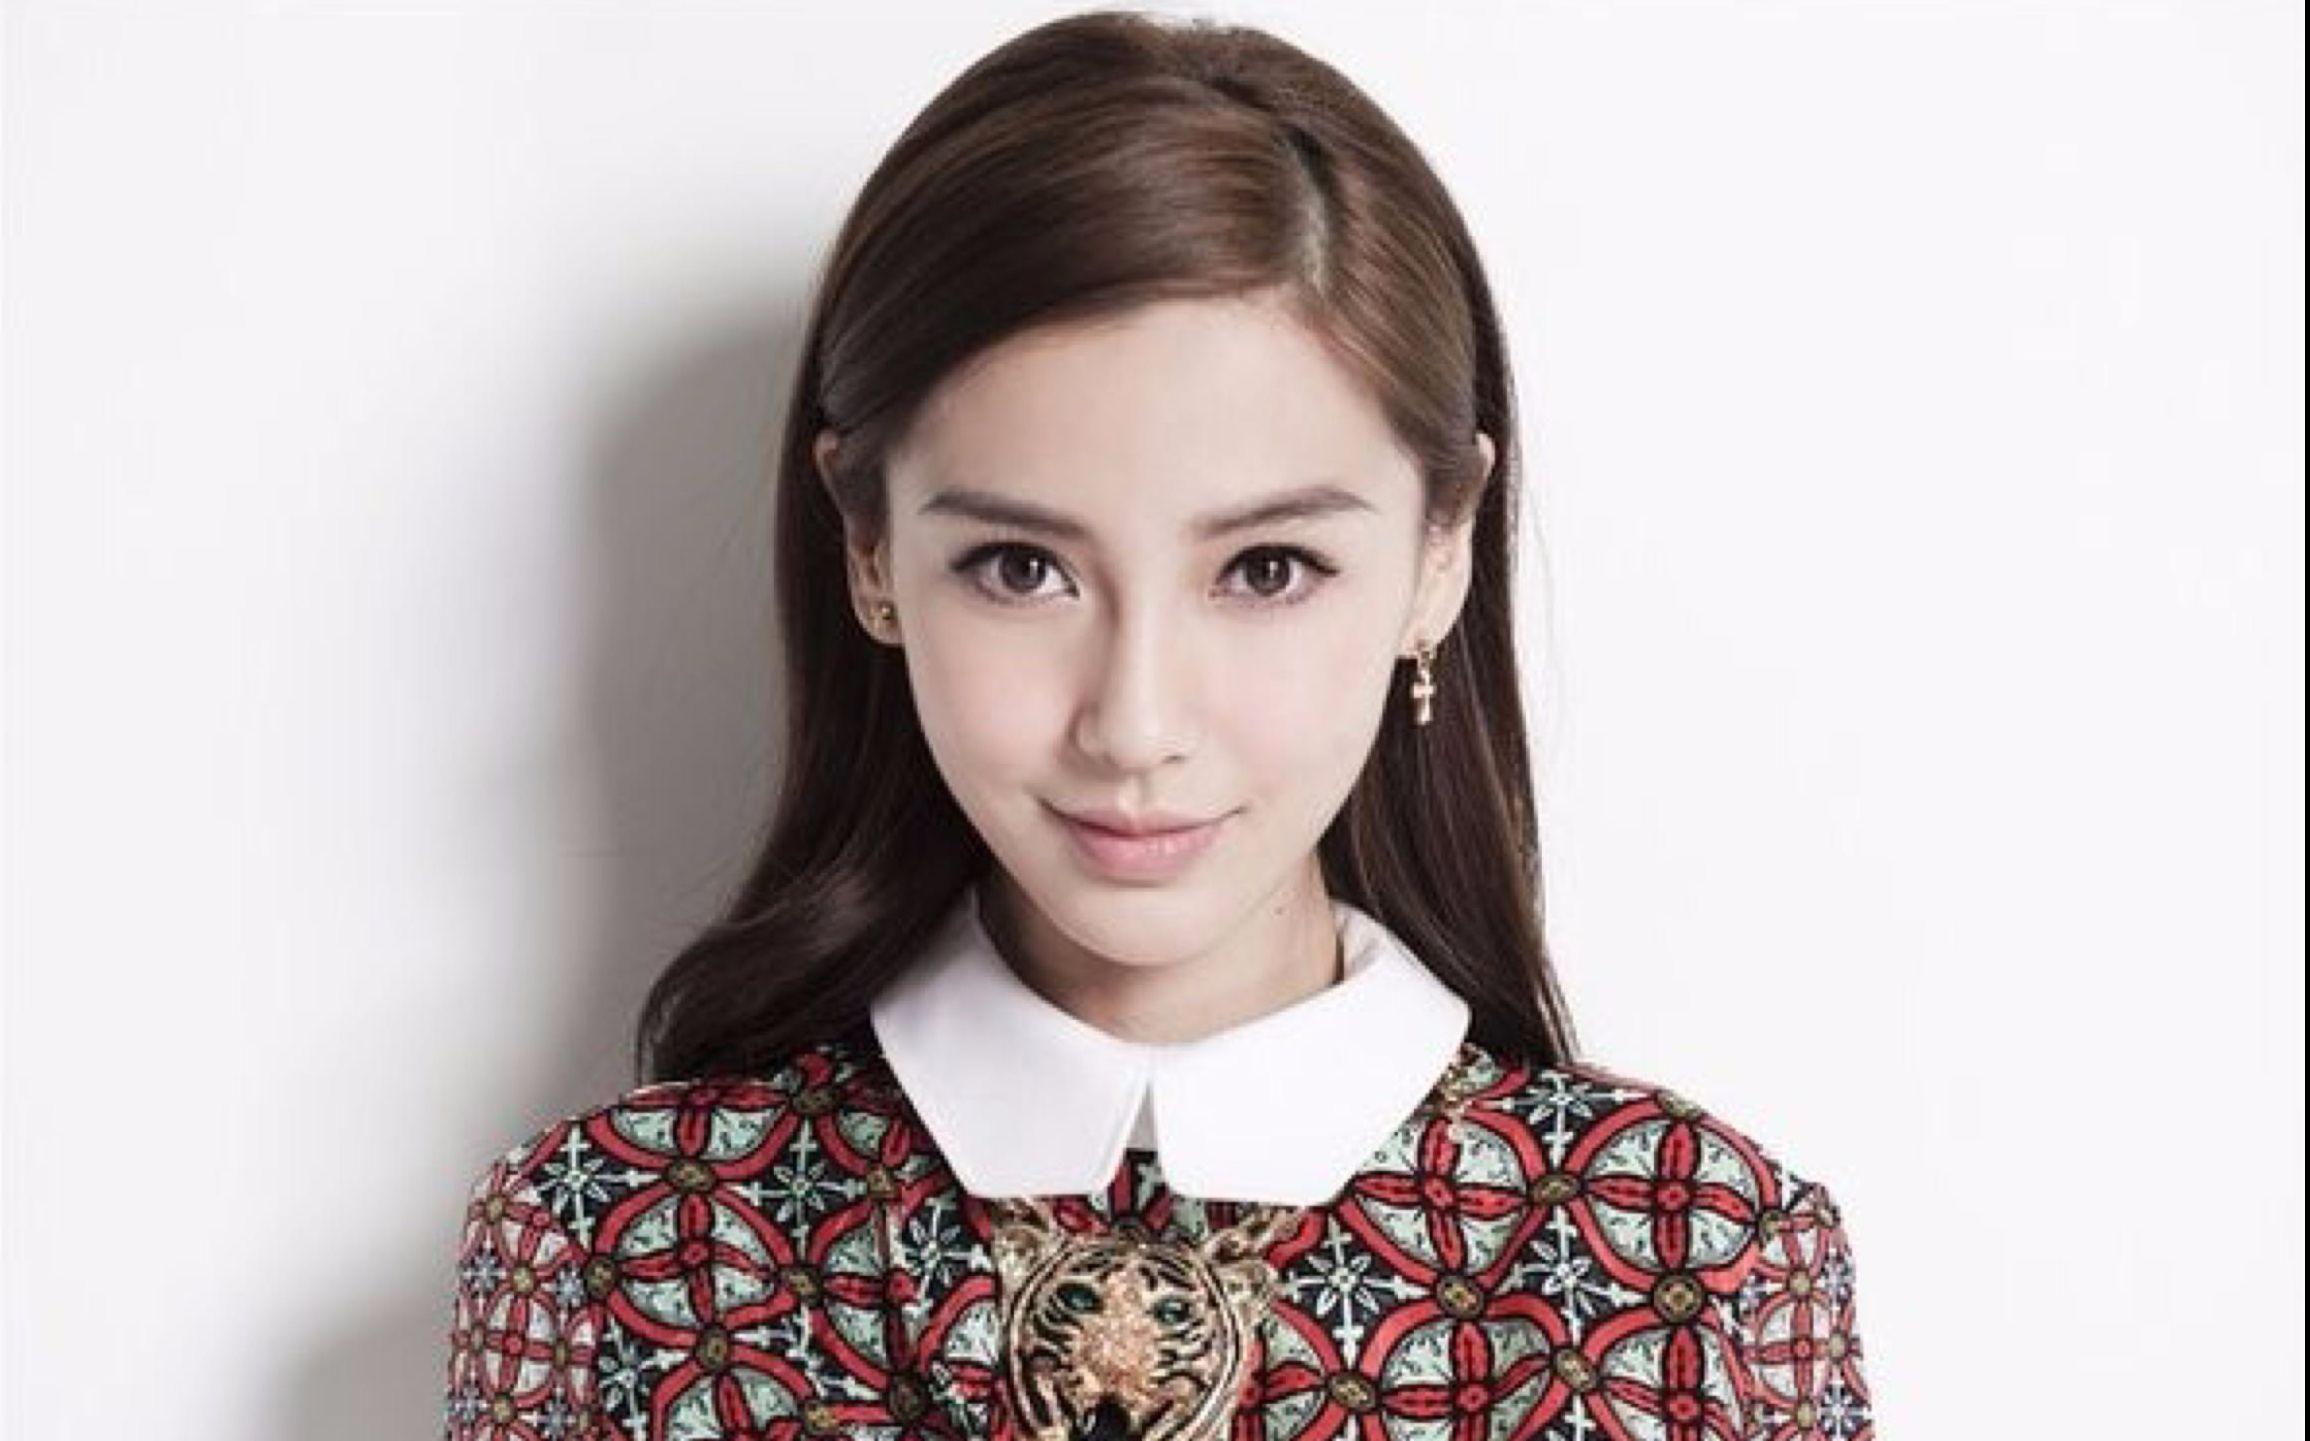 盘点娱乐圈8位最美混血儿女星,李嘉欣仅排第五,张柏芝